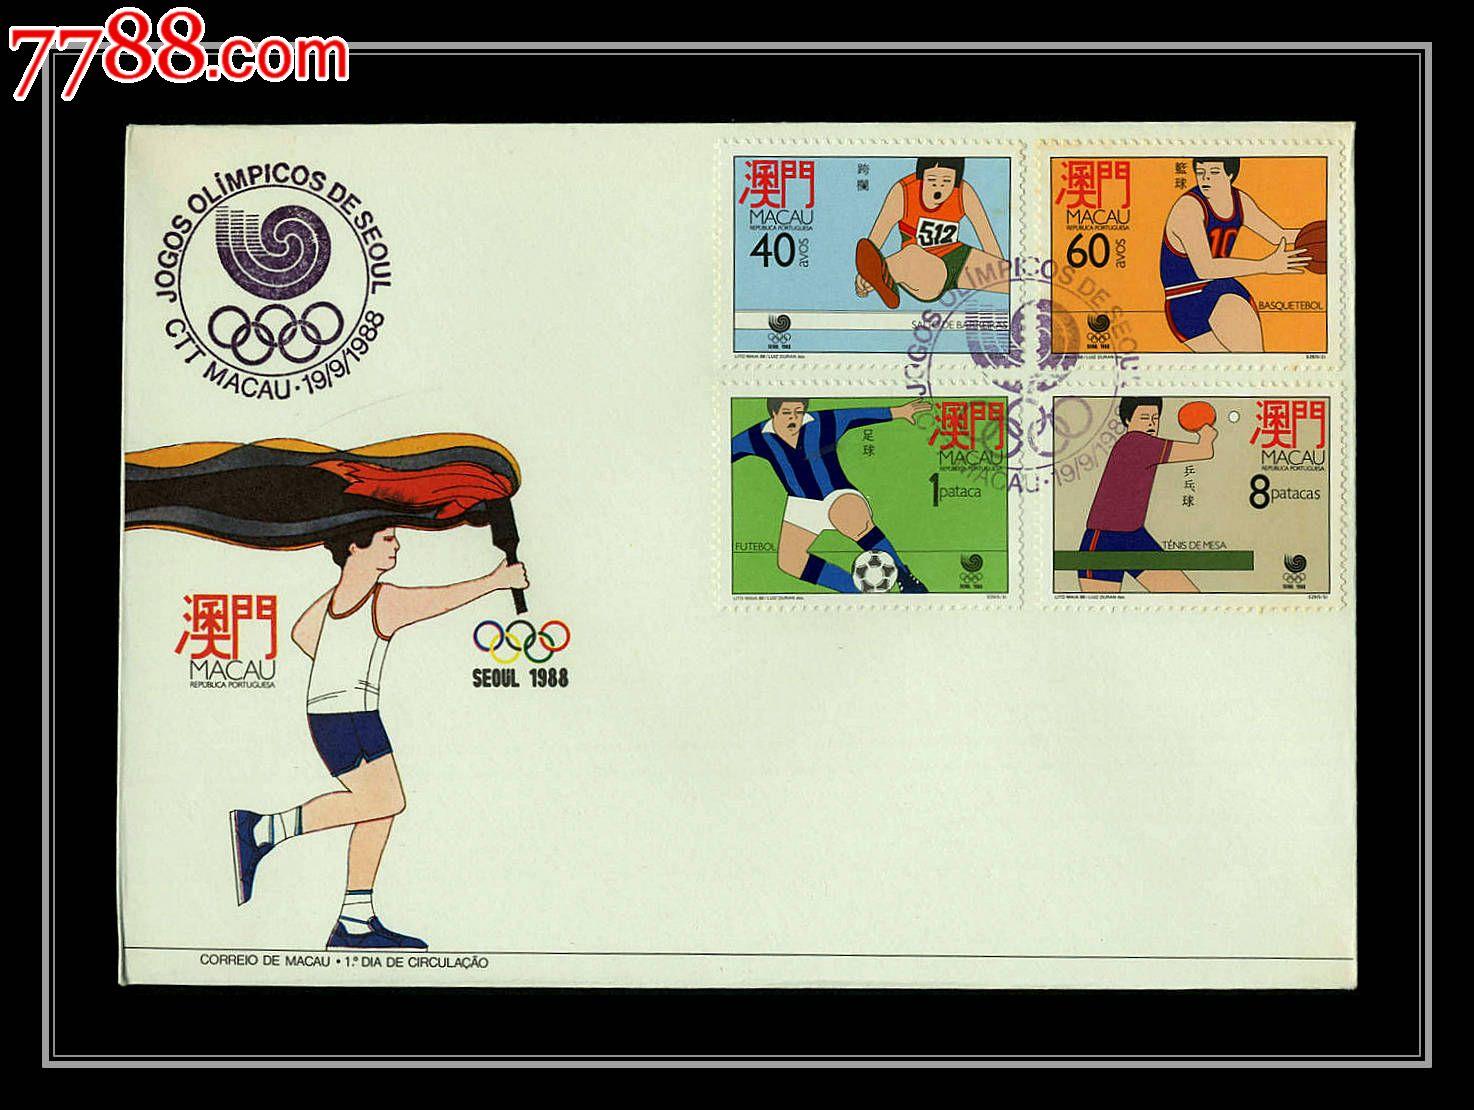 澳门1988年汉城奥运会邮票4全首日封一枚图片